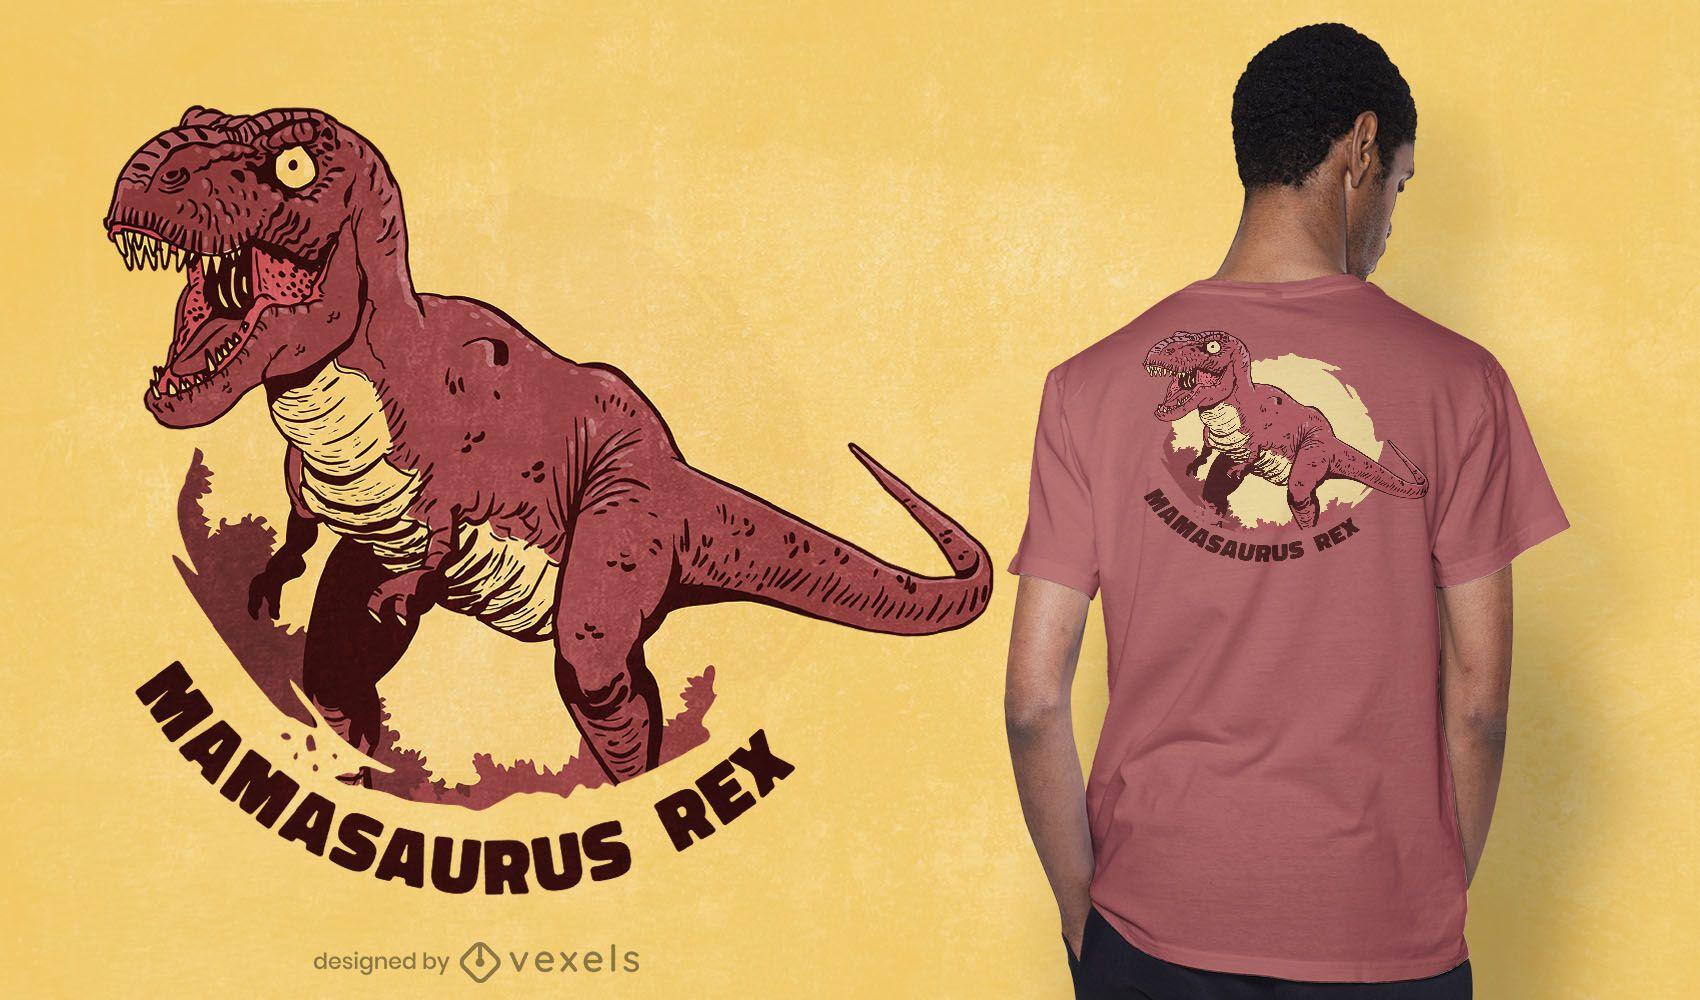 Dise?o de camiseta mamasaurus rex